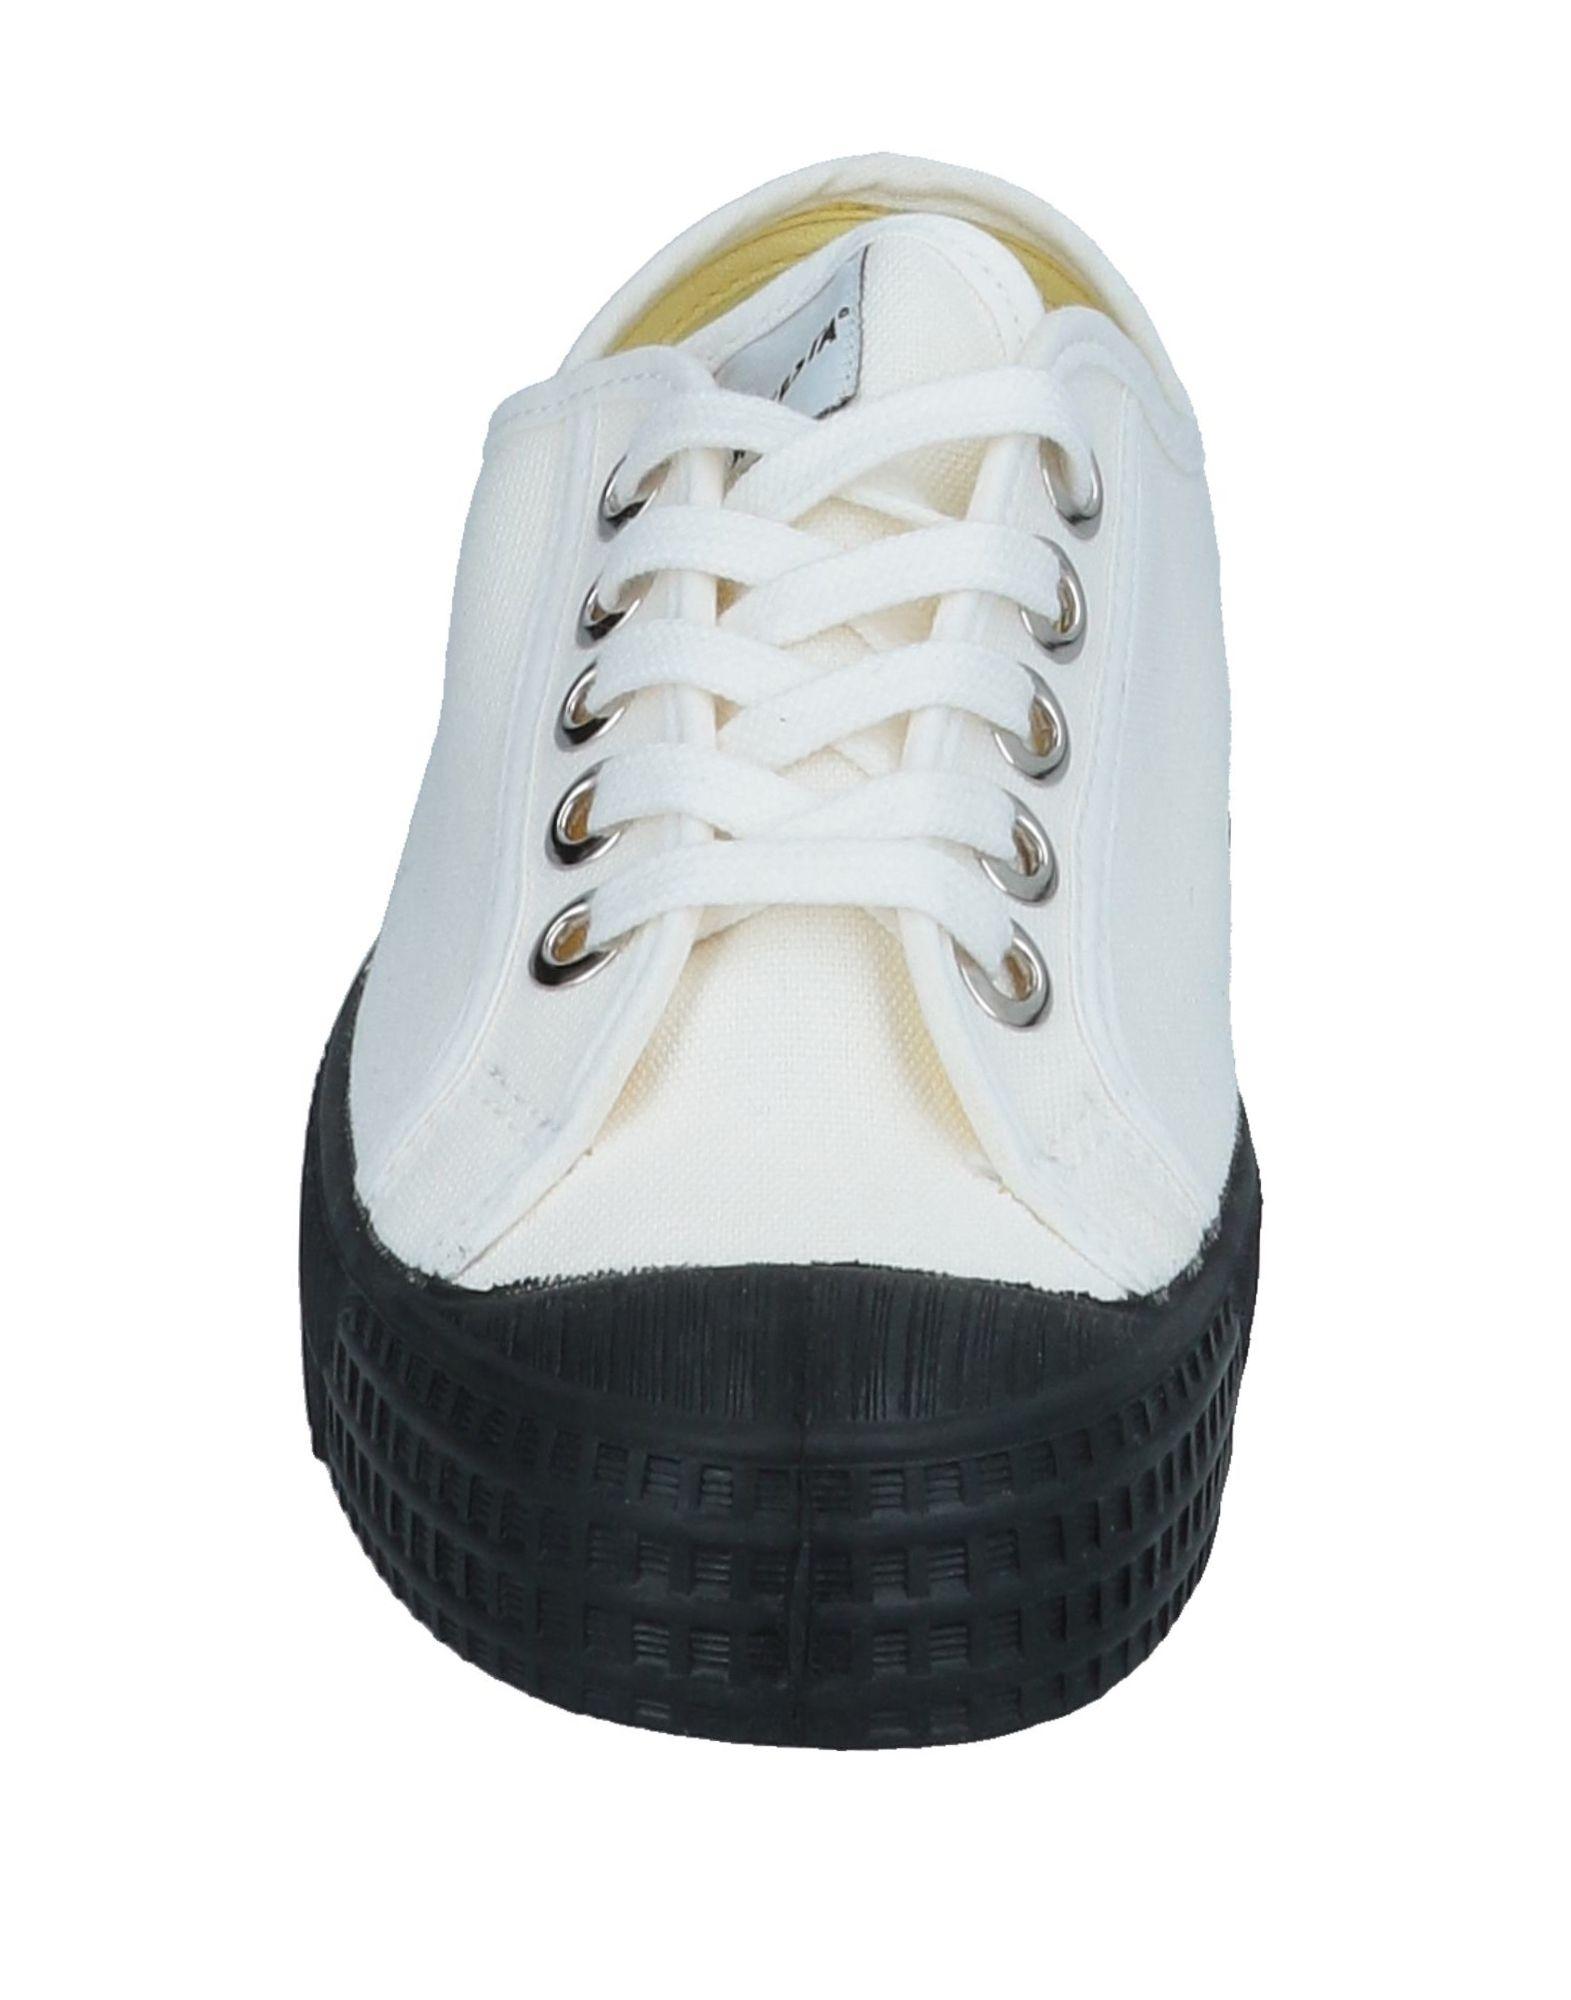 Novesta Sneakers Sneakers Novesta Damen Gutes Preis-Leistungs-Verhältnis, es lohnt sich ec9533